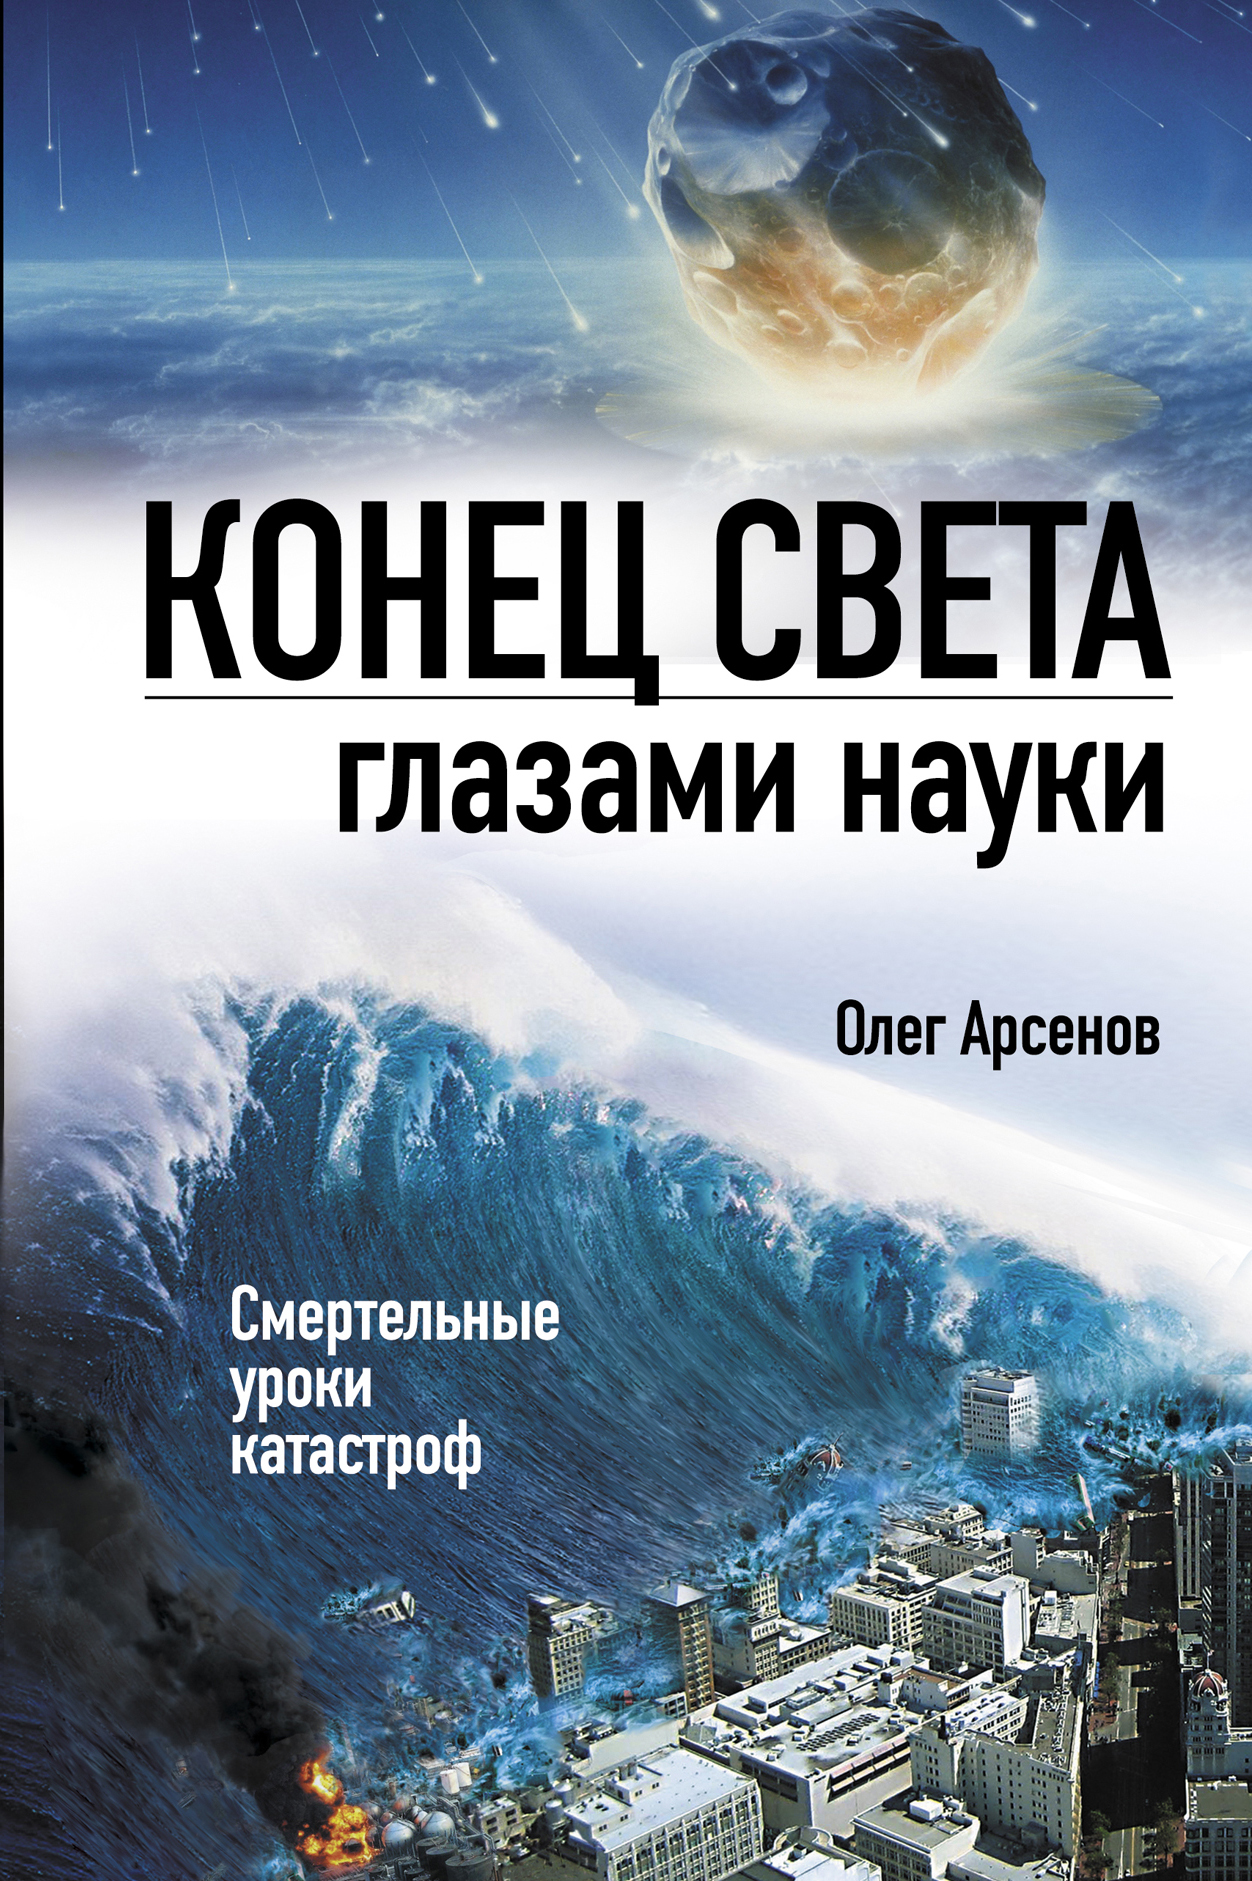 Арсенов О.О. Конец света глазами науки книги самокат конец света